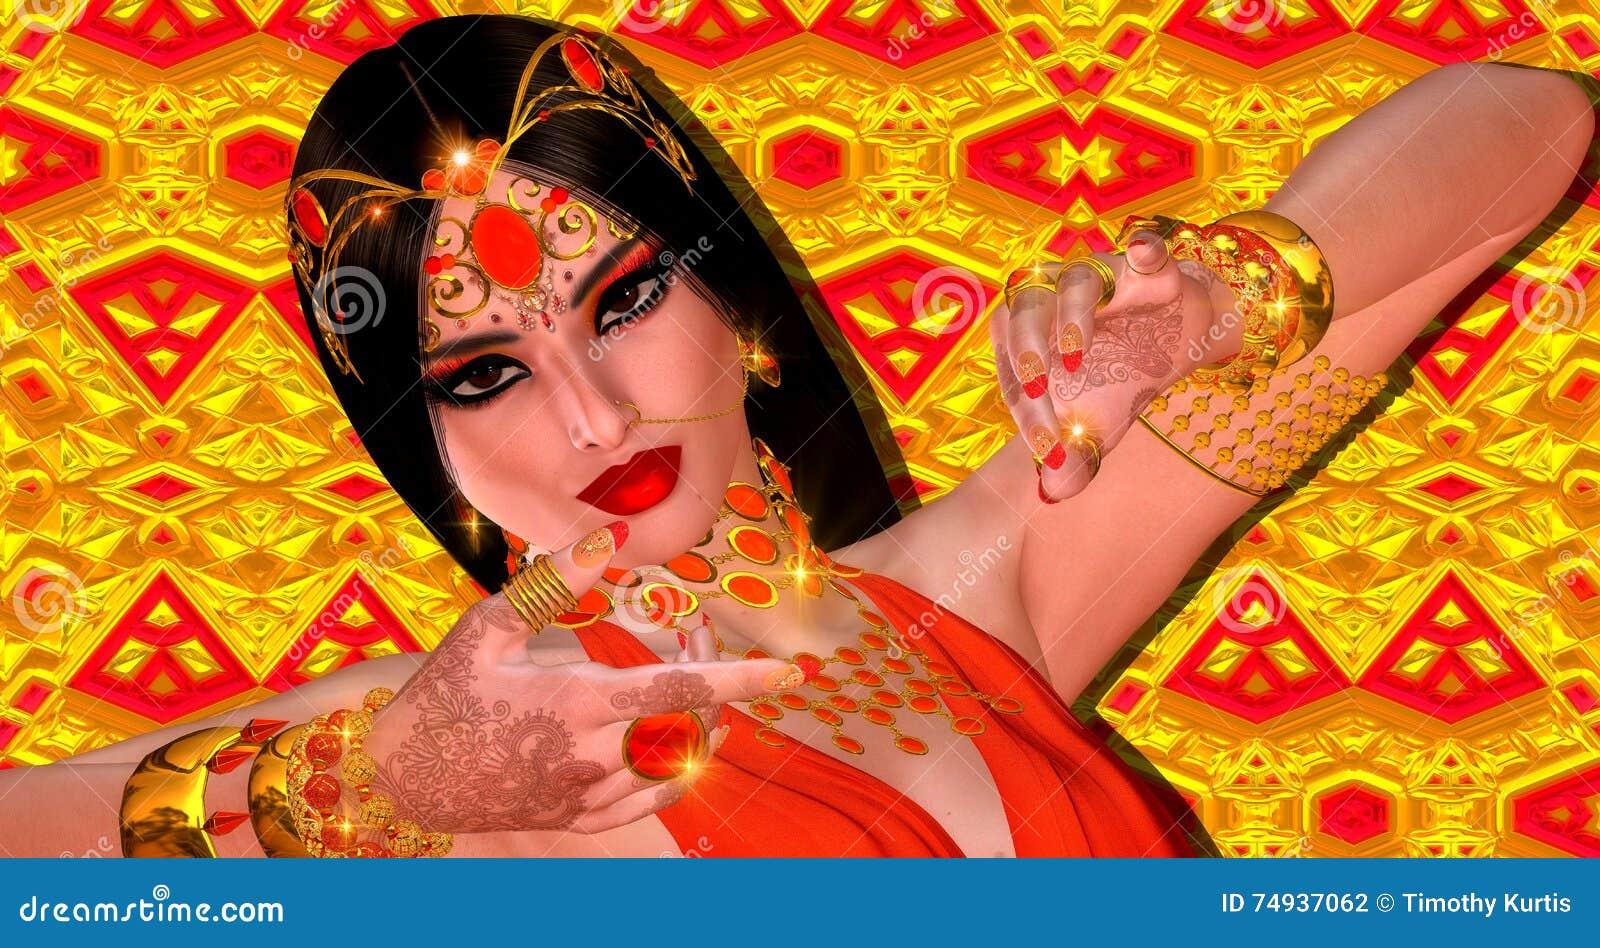 Abstrakte digitale Kunst der mysteriösen indischen oder asiatischen Fantasiefrau